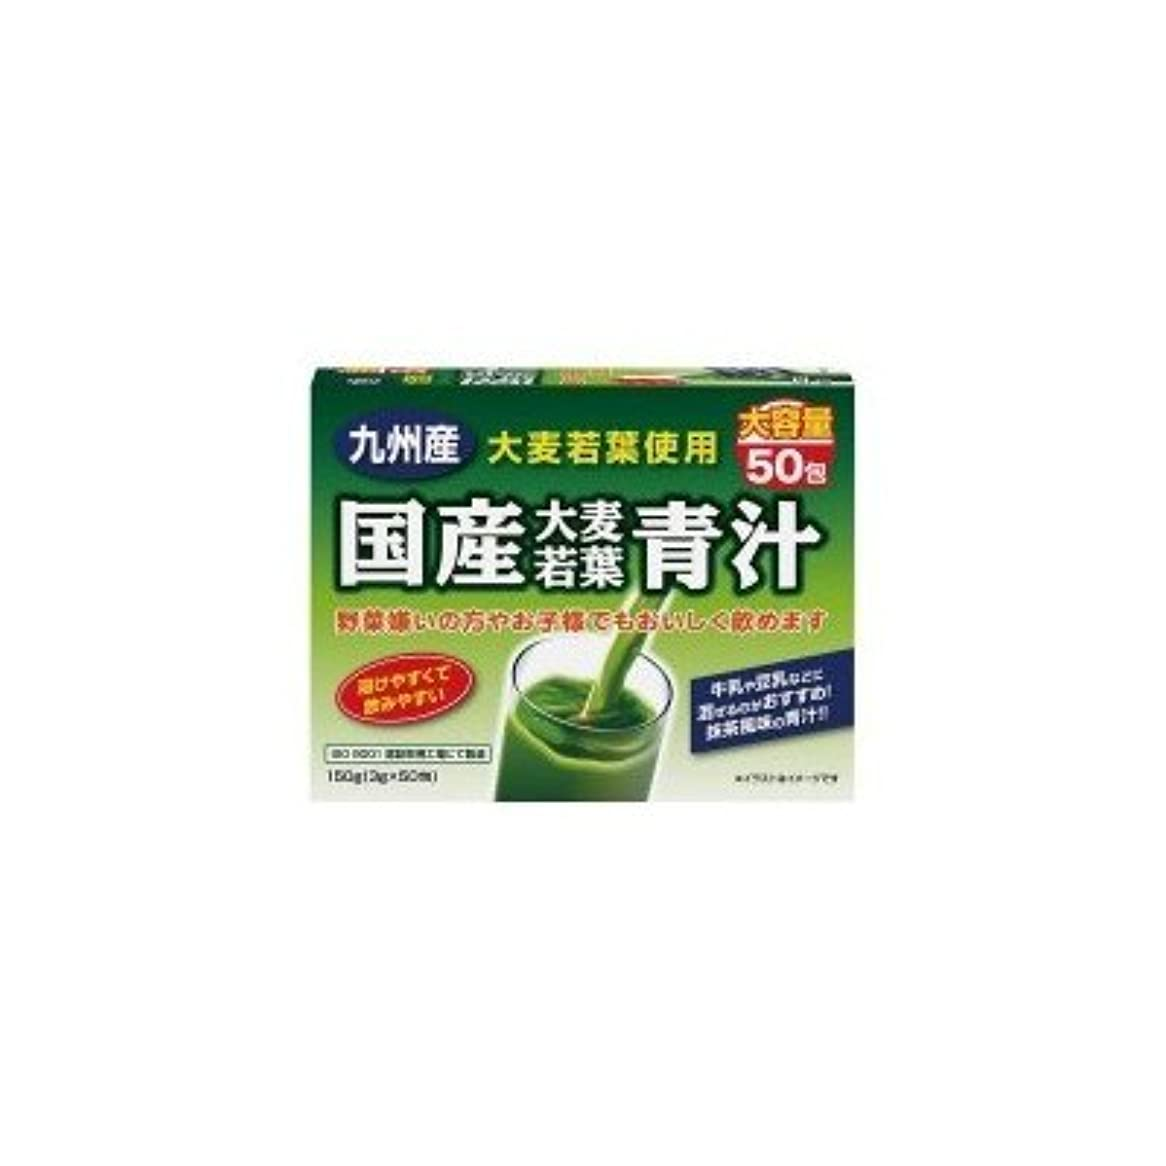 主張歩き回る市民ユーワ 九州産大麦若葉使用 国産大麦若葉青汁 150g(3g×50包) 3888